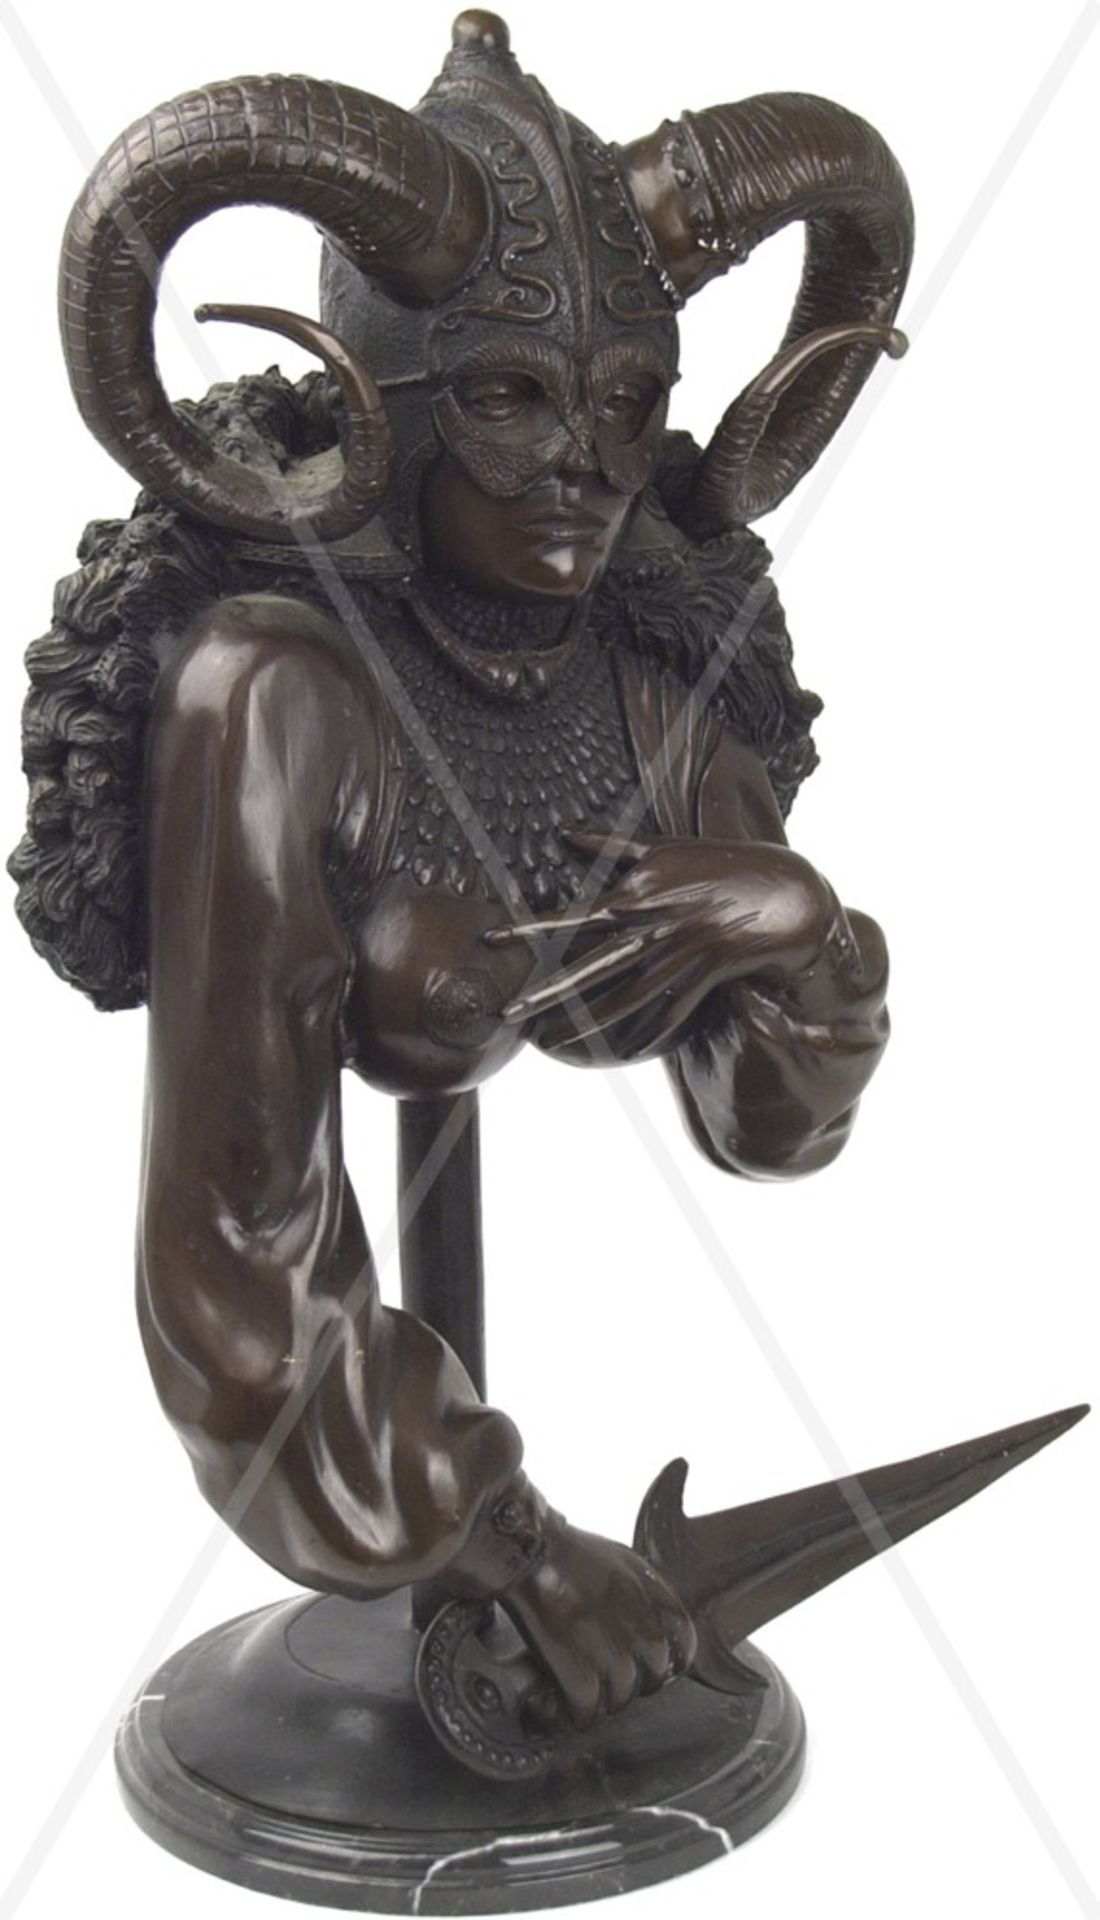 SKULPTUR, Büste einer Fantasy-Kriegerin, Weißmetall bronziert, hohl gearbeitet, junge Frau m. - Bild 3 aus 5